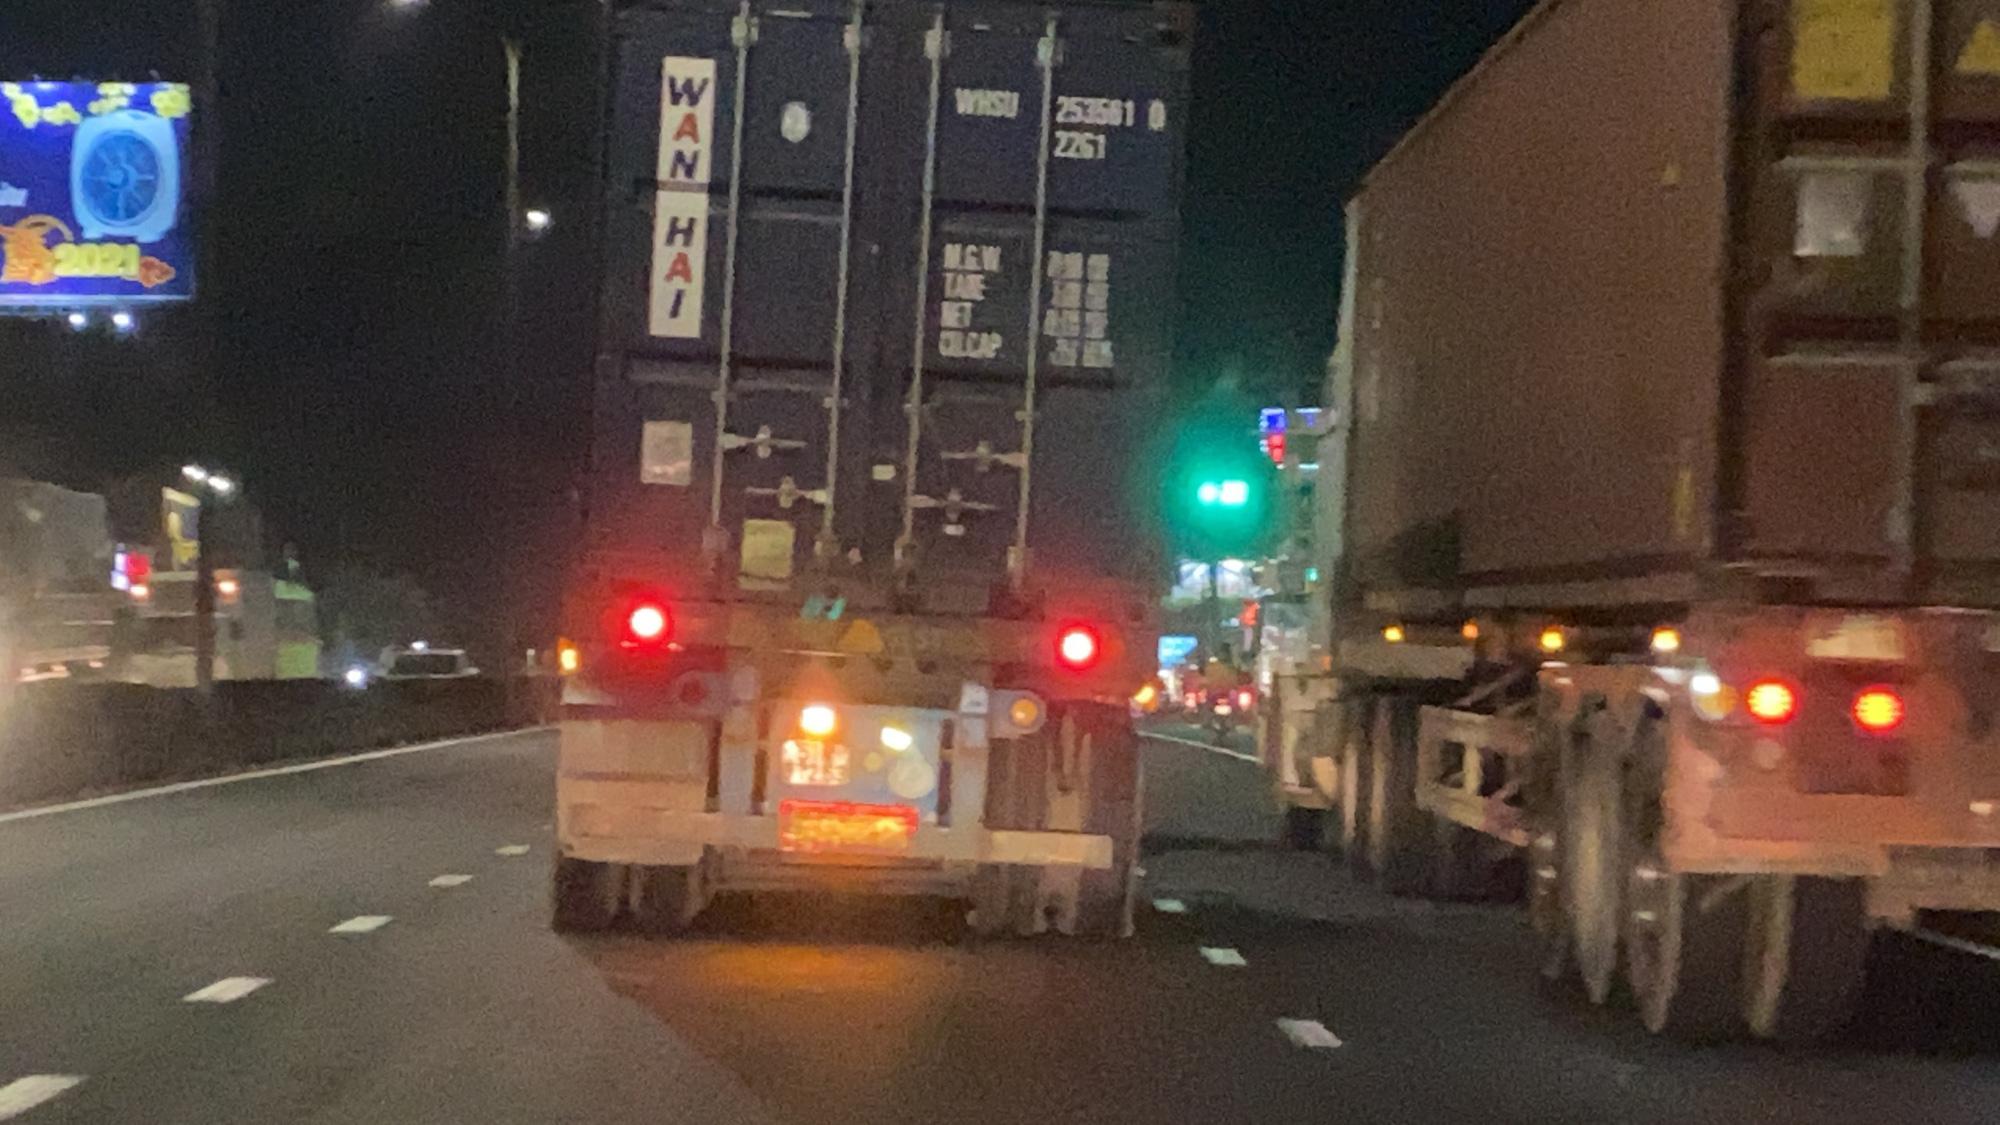 Nổ lốp trên quốc lộ vẫn cố tình chạy, người đi đường được phen hú vía - Ảnh 1.